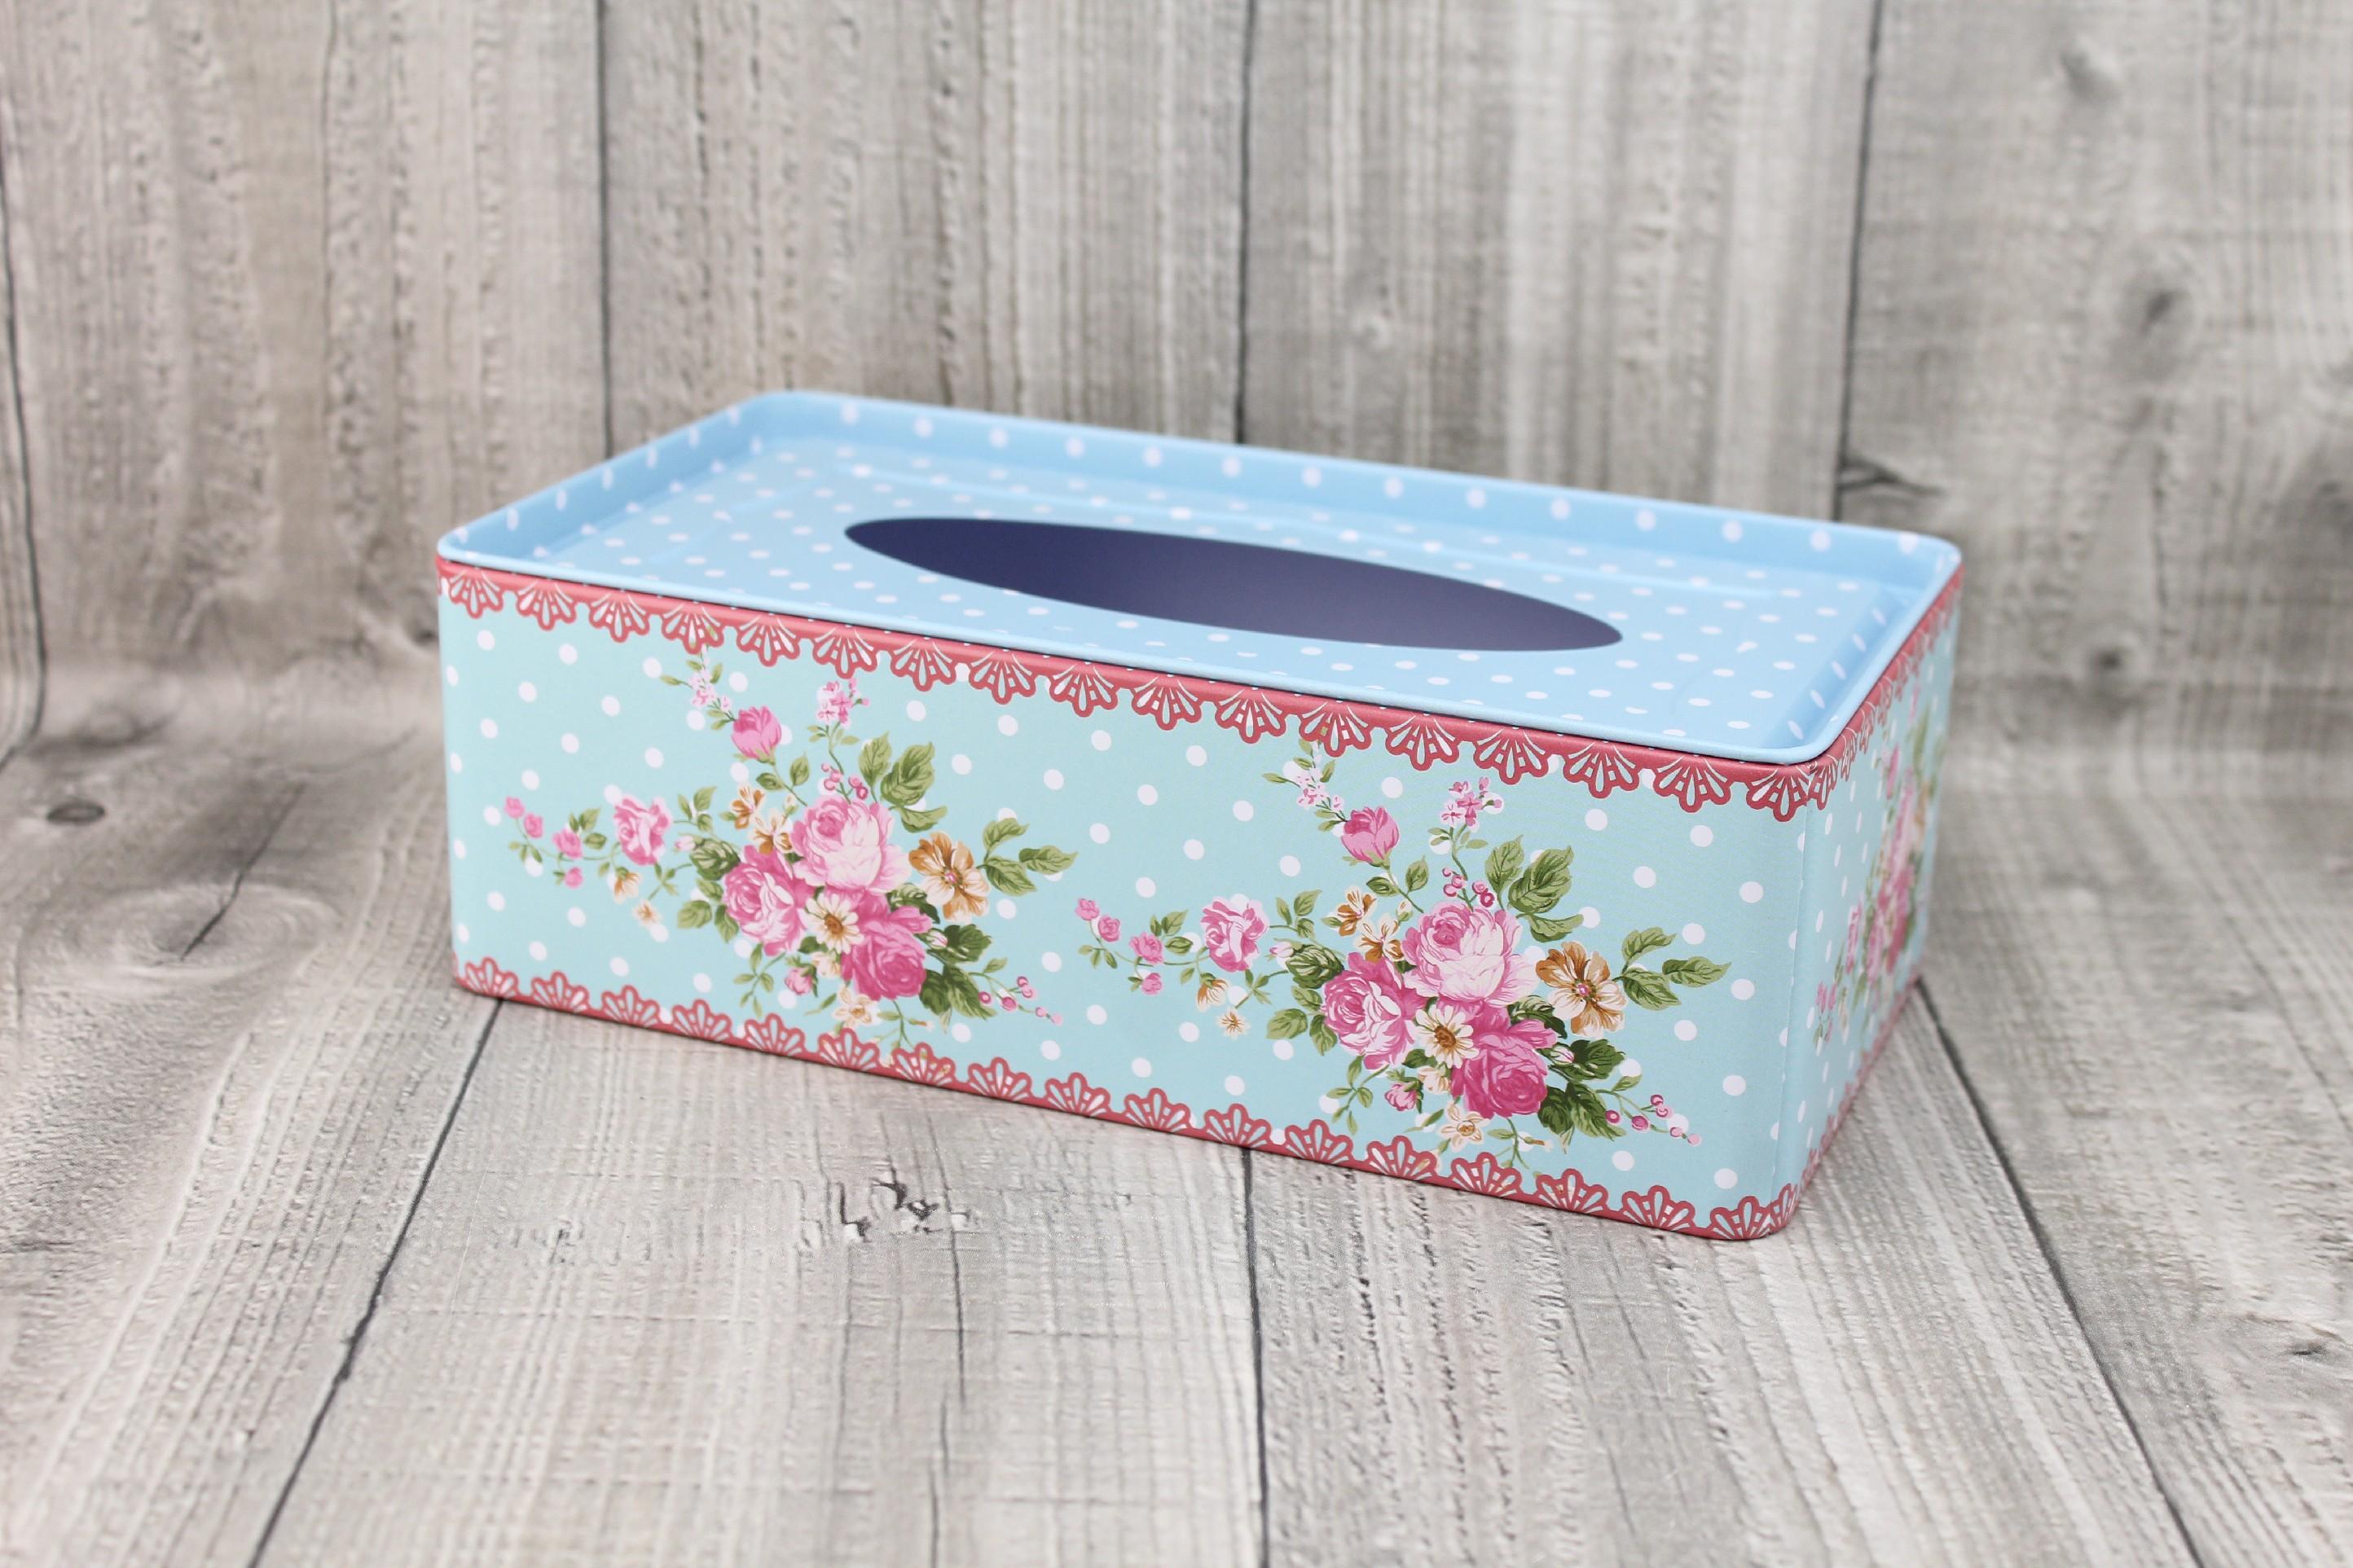 Krabice na kapesníky-světle modrá, puntíky počet kusů: včetně kapesníčků